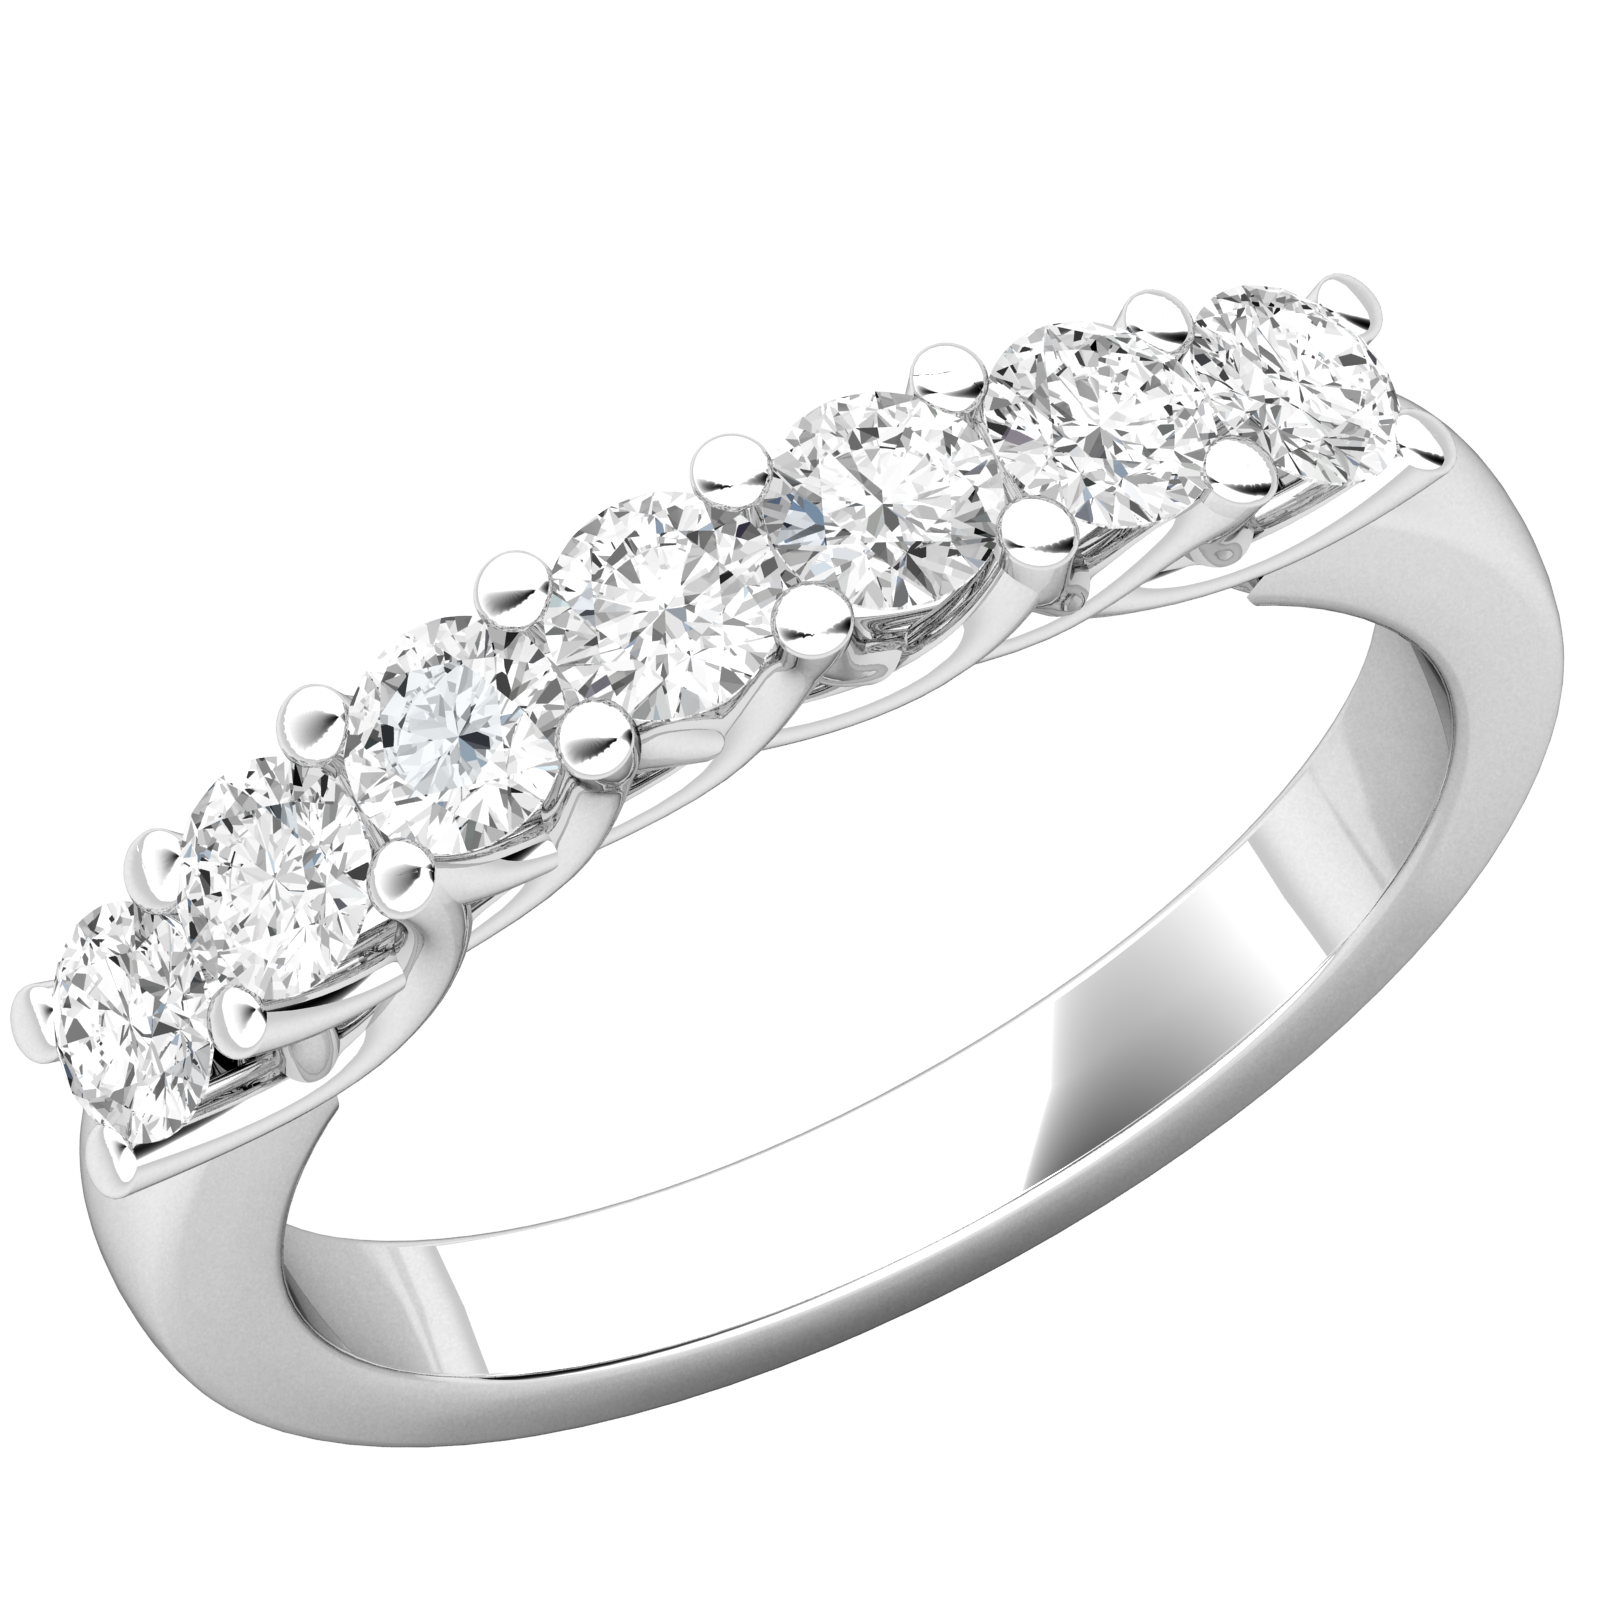 Inel Semi Eternity Platina Cu 7 Diamante in Setare Clasica cu Gheare-img1